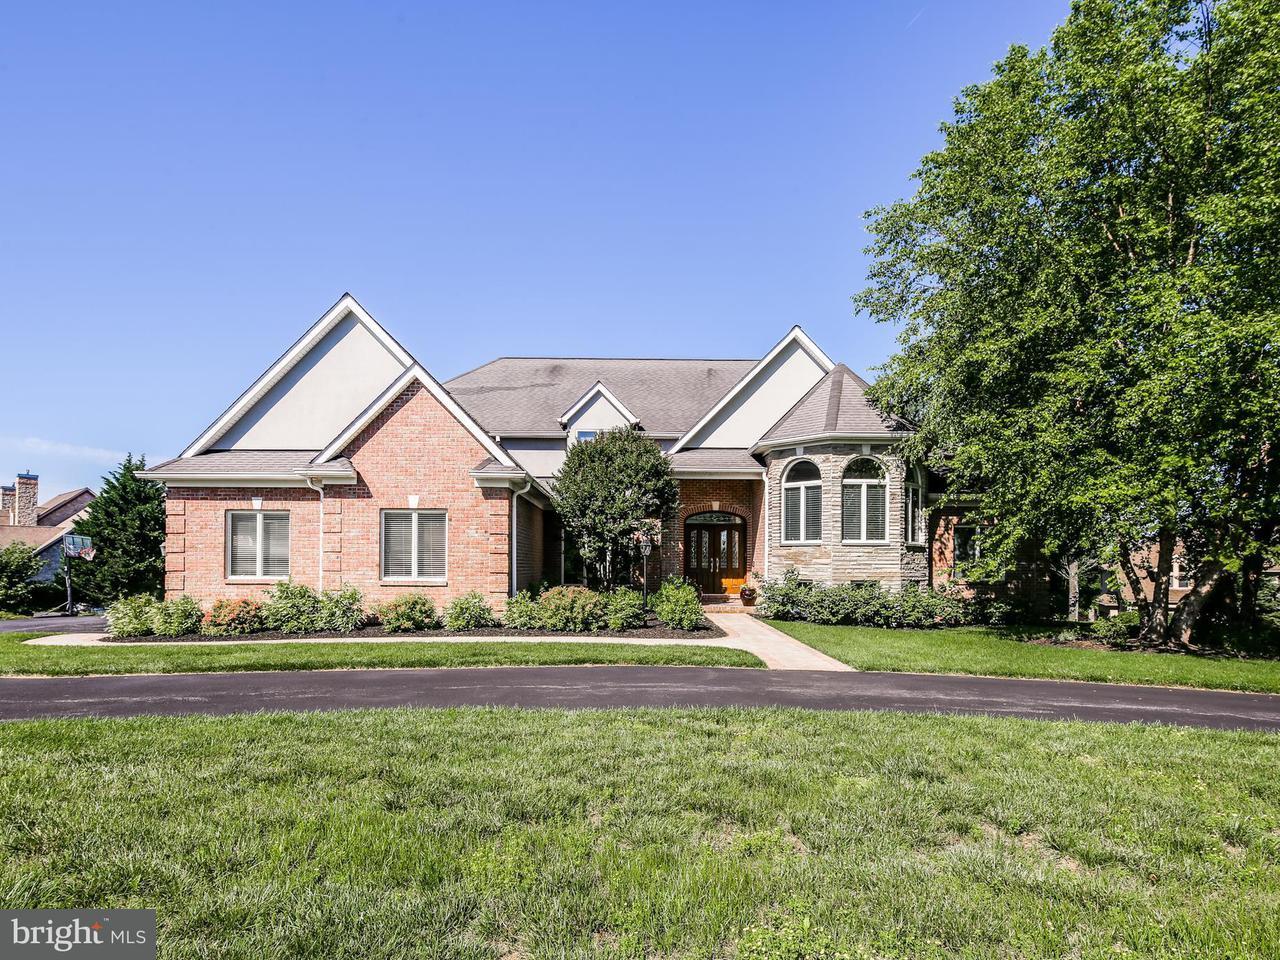 独户住宅 为 销售 在 3601 Willow Birch Drive 3601 Willow Birch Drive Glenwood, 马里兰州 21738 美国